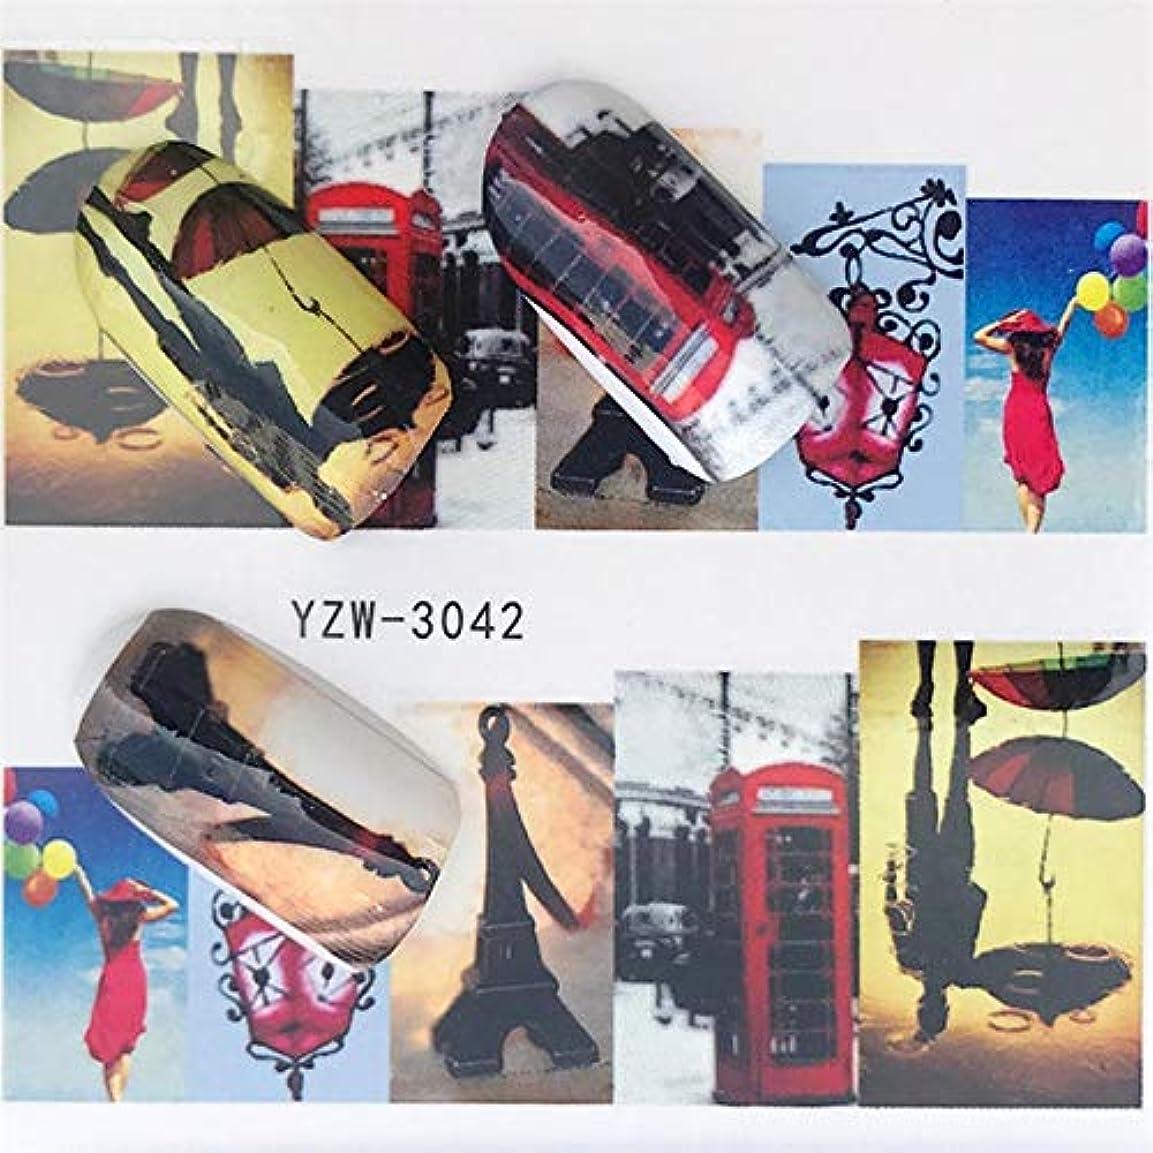 移植クランプエキスパートビューティー&パーソナルケア 5個水転写ステッカーデカールネイル用フラワーステッカー ステッカー&デカール